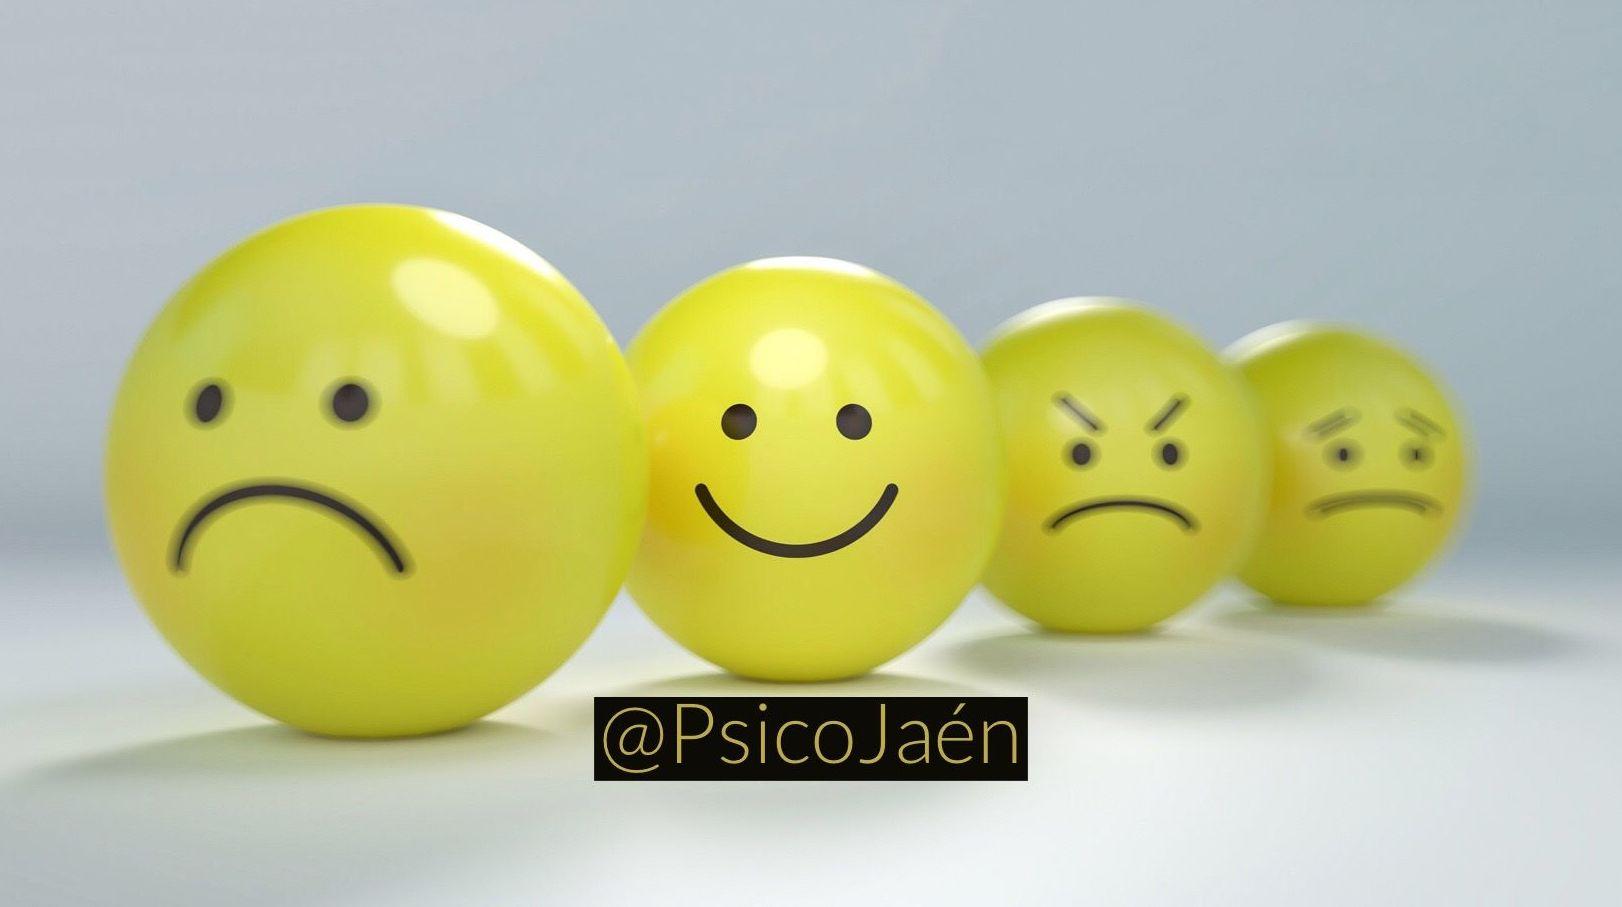 Conducta emocional: La brújula interior que guía nuestras decisiones